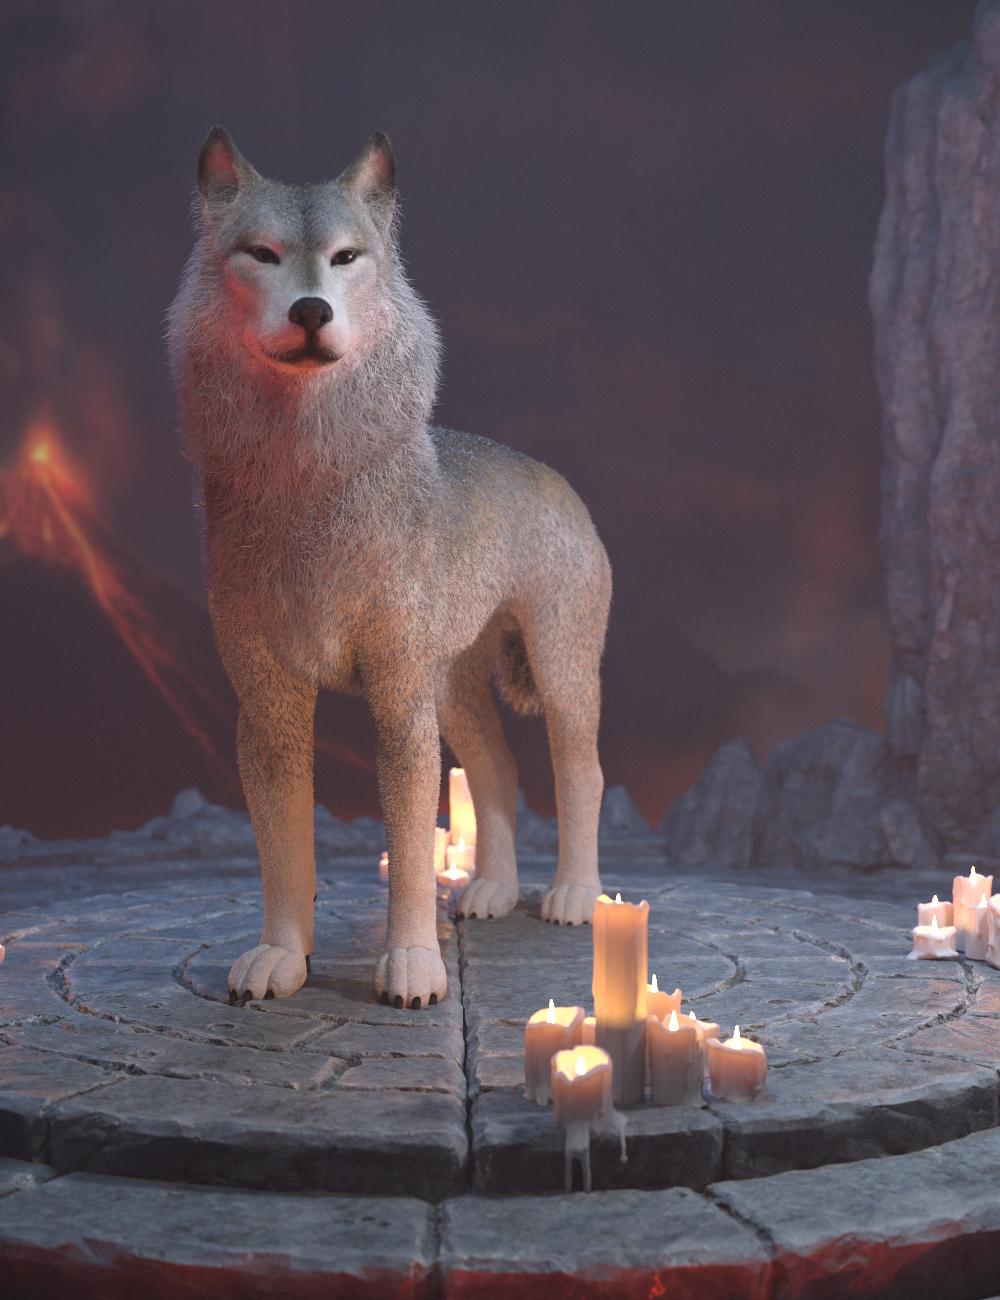 Warg HD for Daz Dog 8 by: GhostofMacbeth, 3D Models by Daz 3D